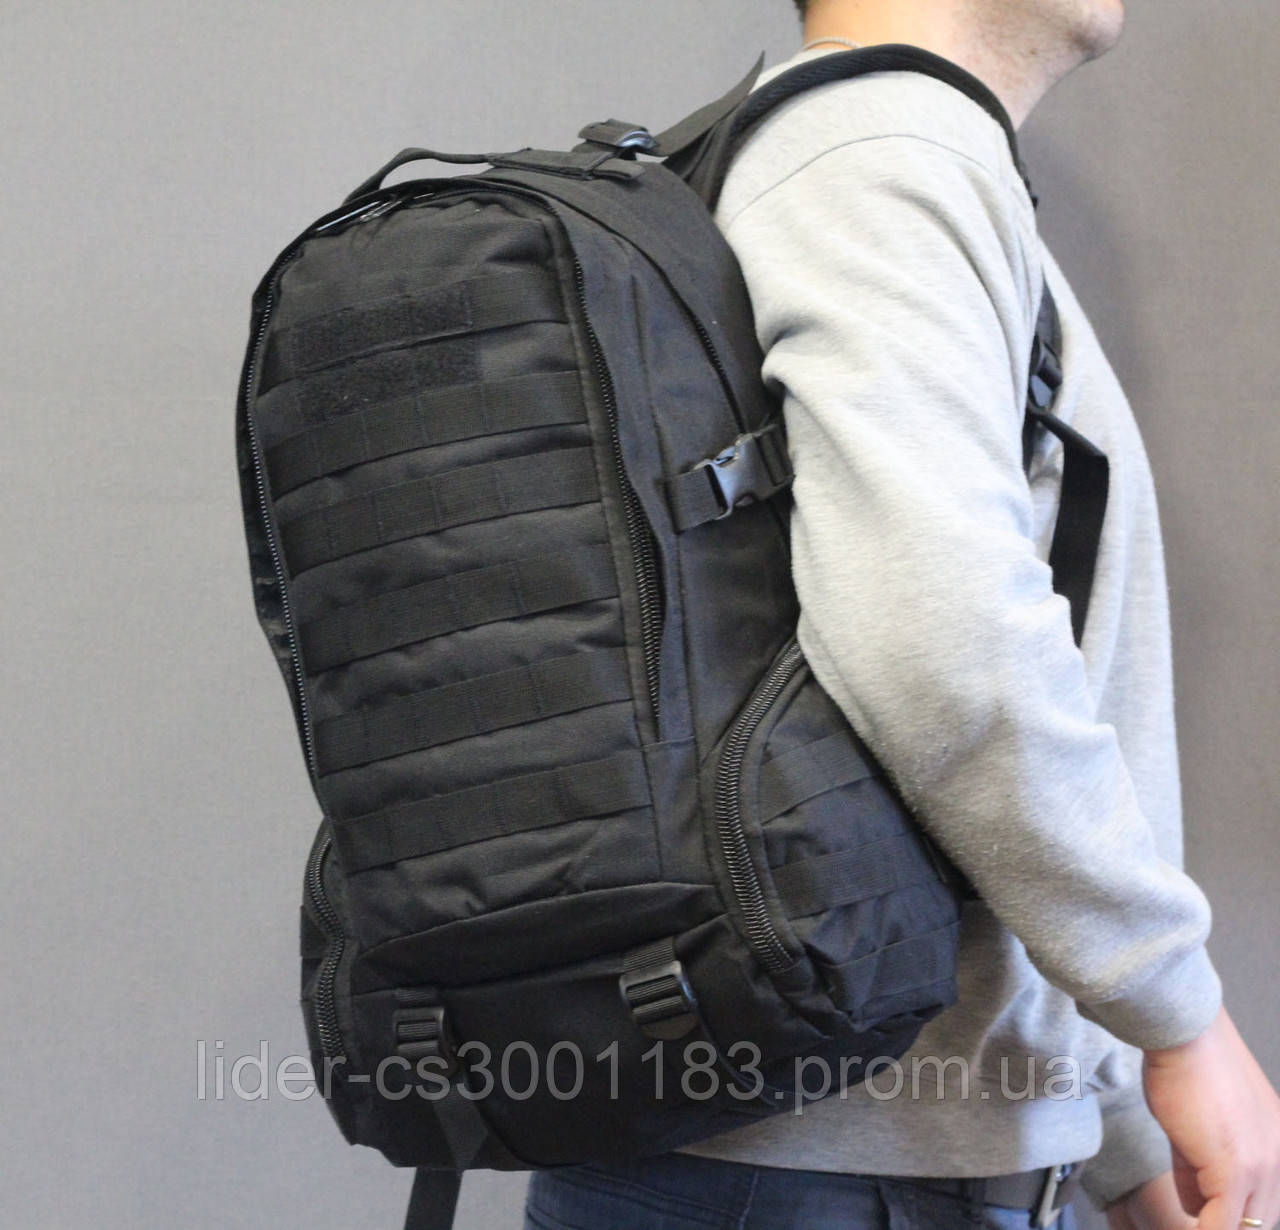 Тактический (городской, штурмовой) рюкзак Oxford 600D с системой M.O.L.L.E на 25-35 литров (ta30-black)